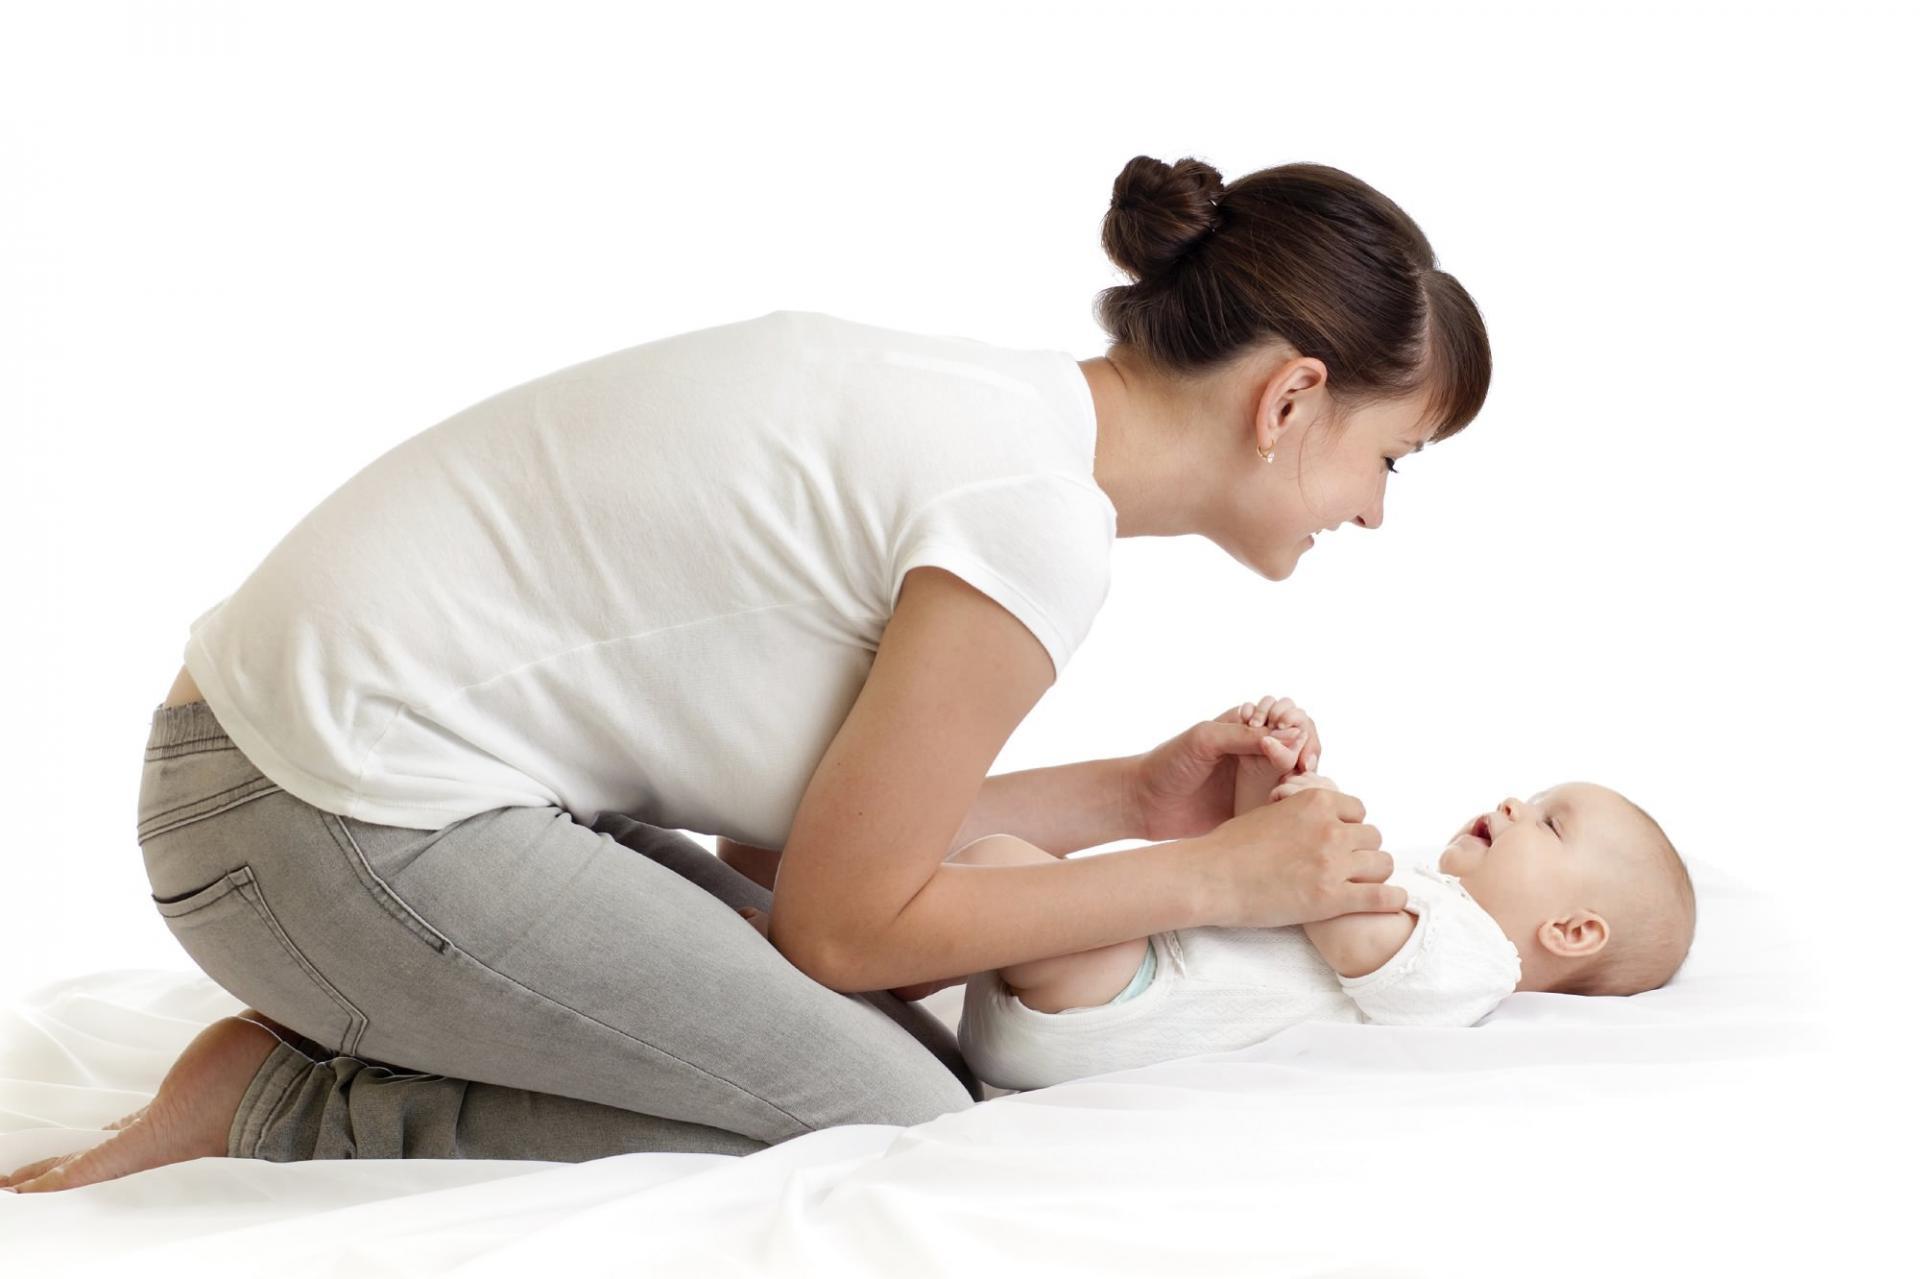 Как сделать ребенка. Пошаговая инструкция в картинках от 51